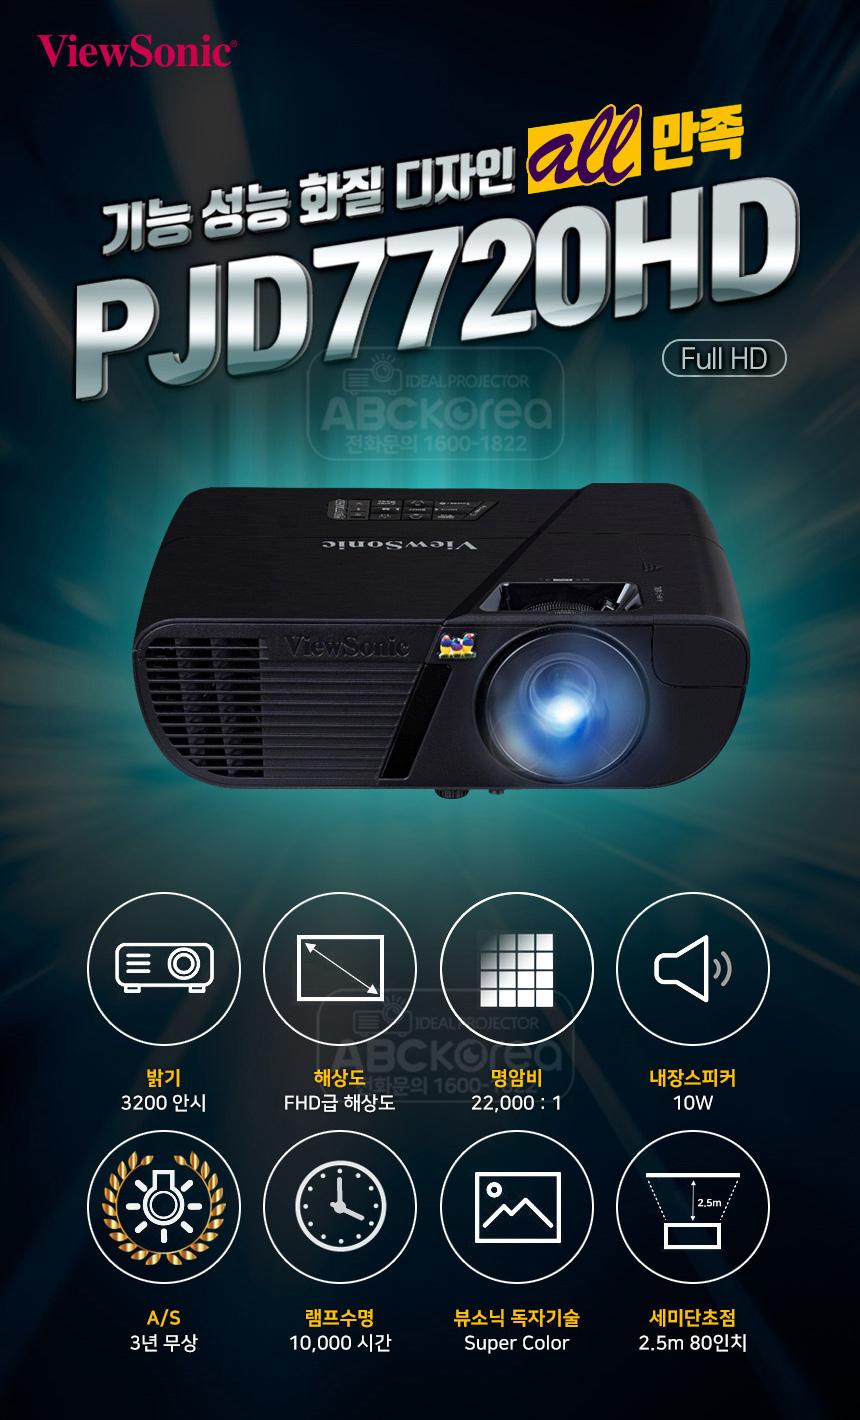 뷰소닉 PJD7720HD 3200안시 FULLHD 빔프로젝트 프로젝터 설치전문 /AB - ABC코리아, 879,000원, 프로젝터/스크린, 프로젝터